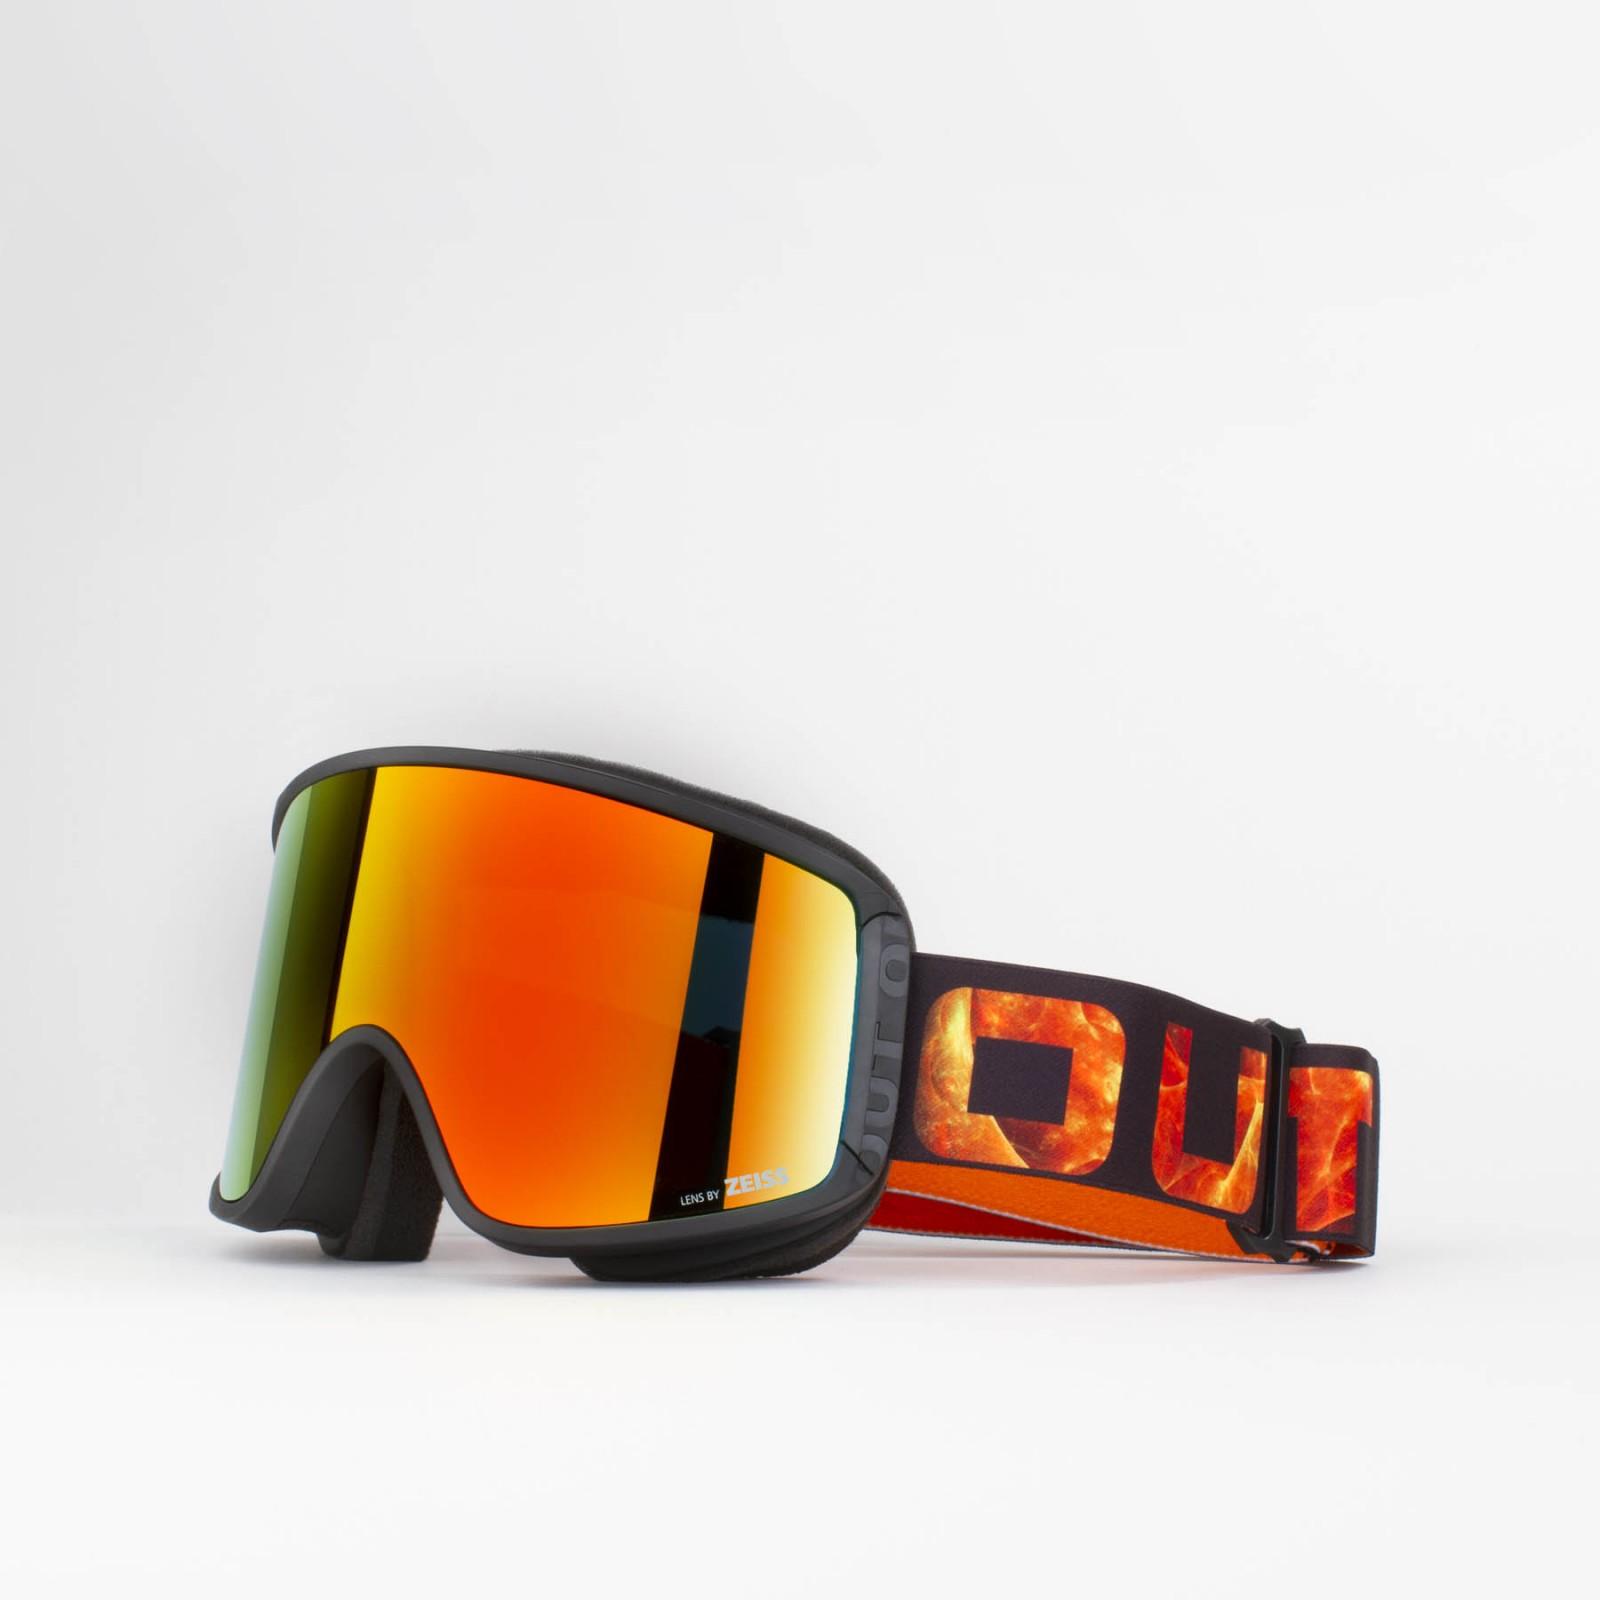 Shift Vulcano Red MCI goggle